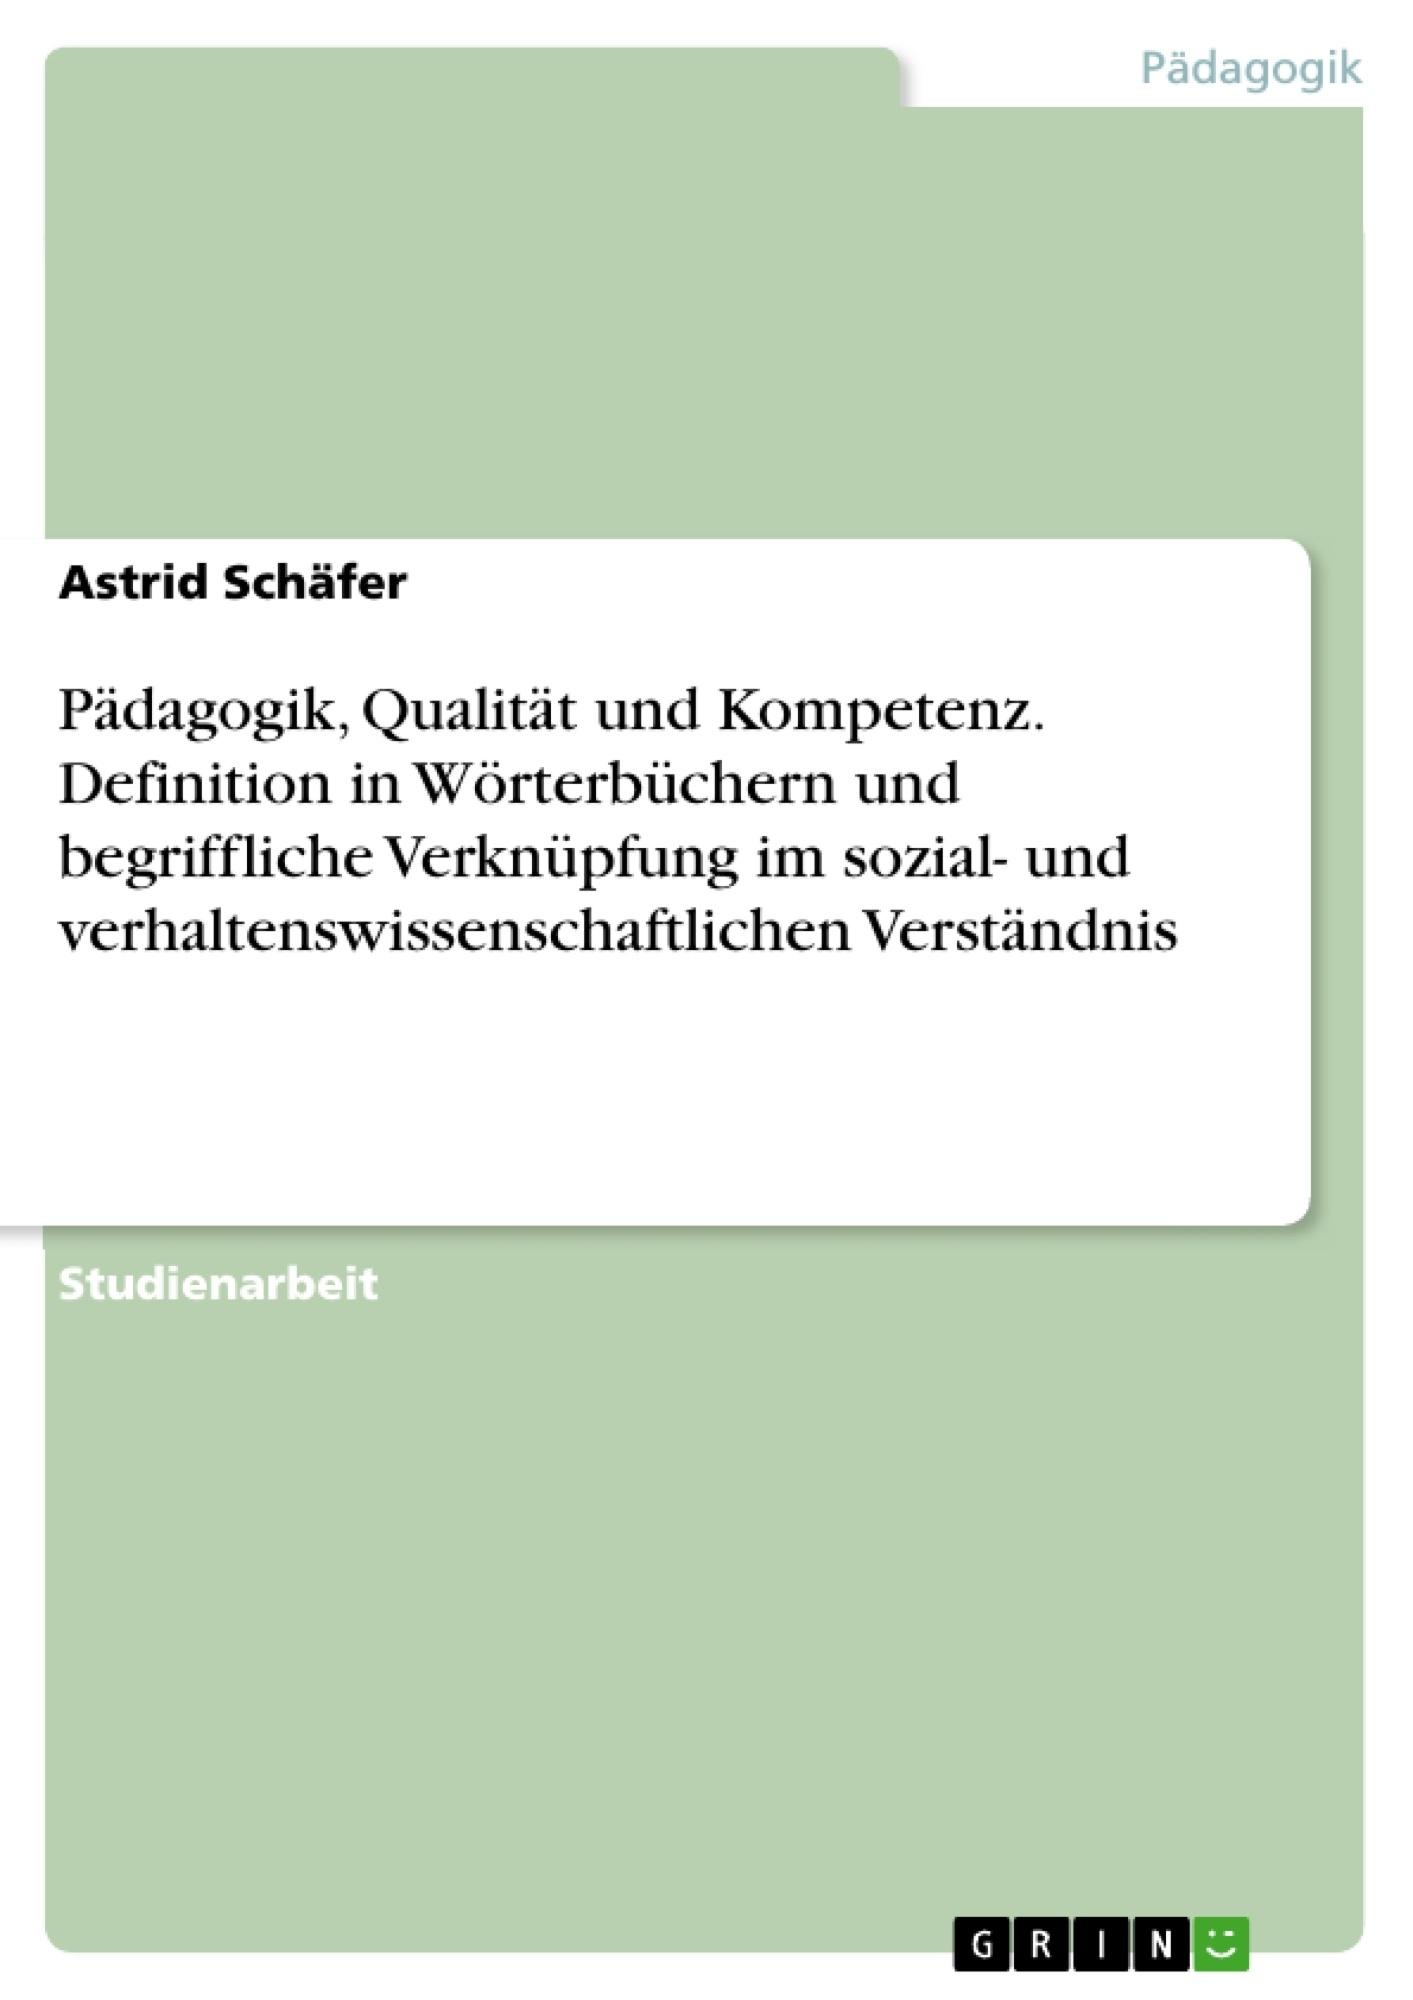 Titel: Pädagogik, Qualität und Kompetenz. Definition in Wörterbüchern und begriffliche Verknüpfung im sozial- und verhaltenswissenschaftlichen Verständnis